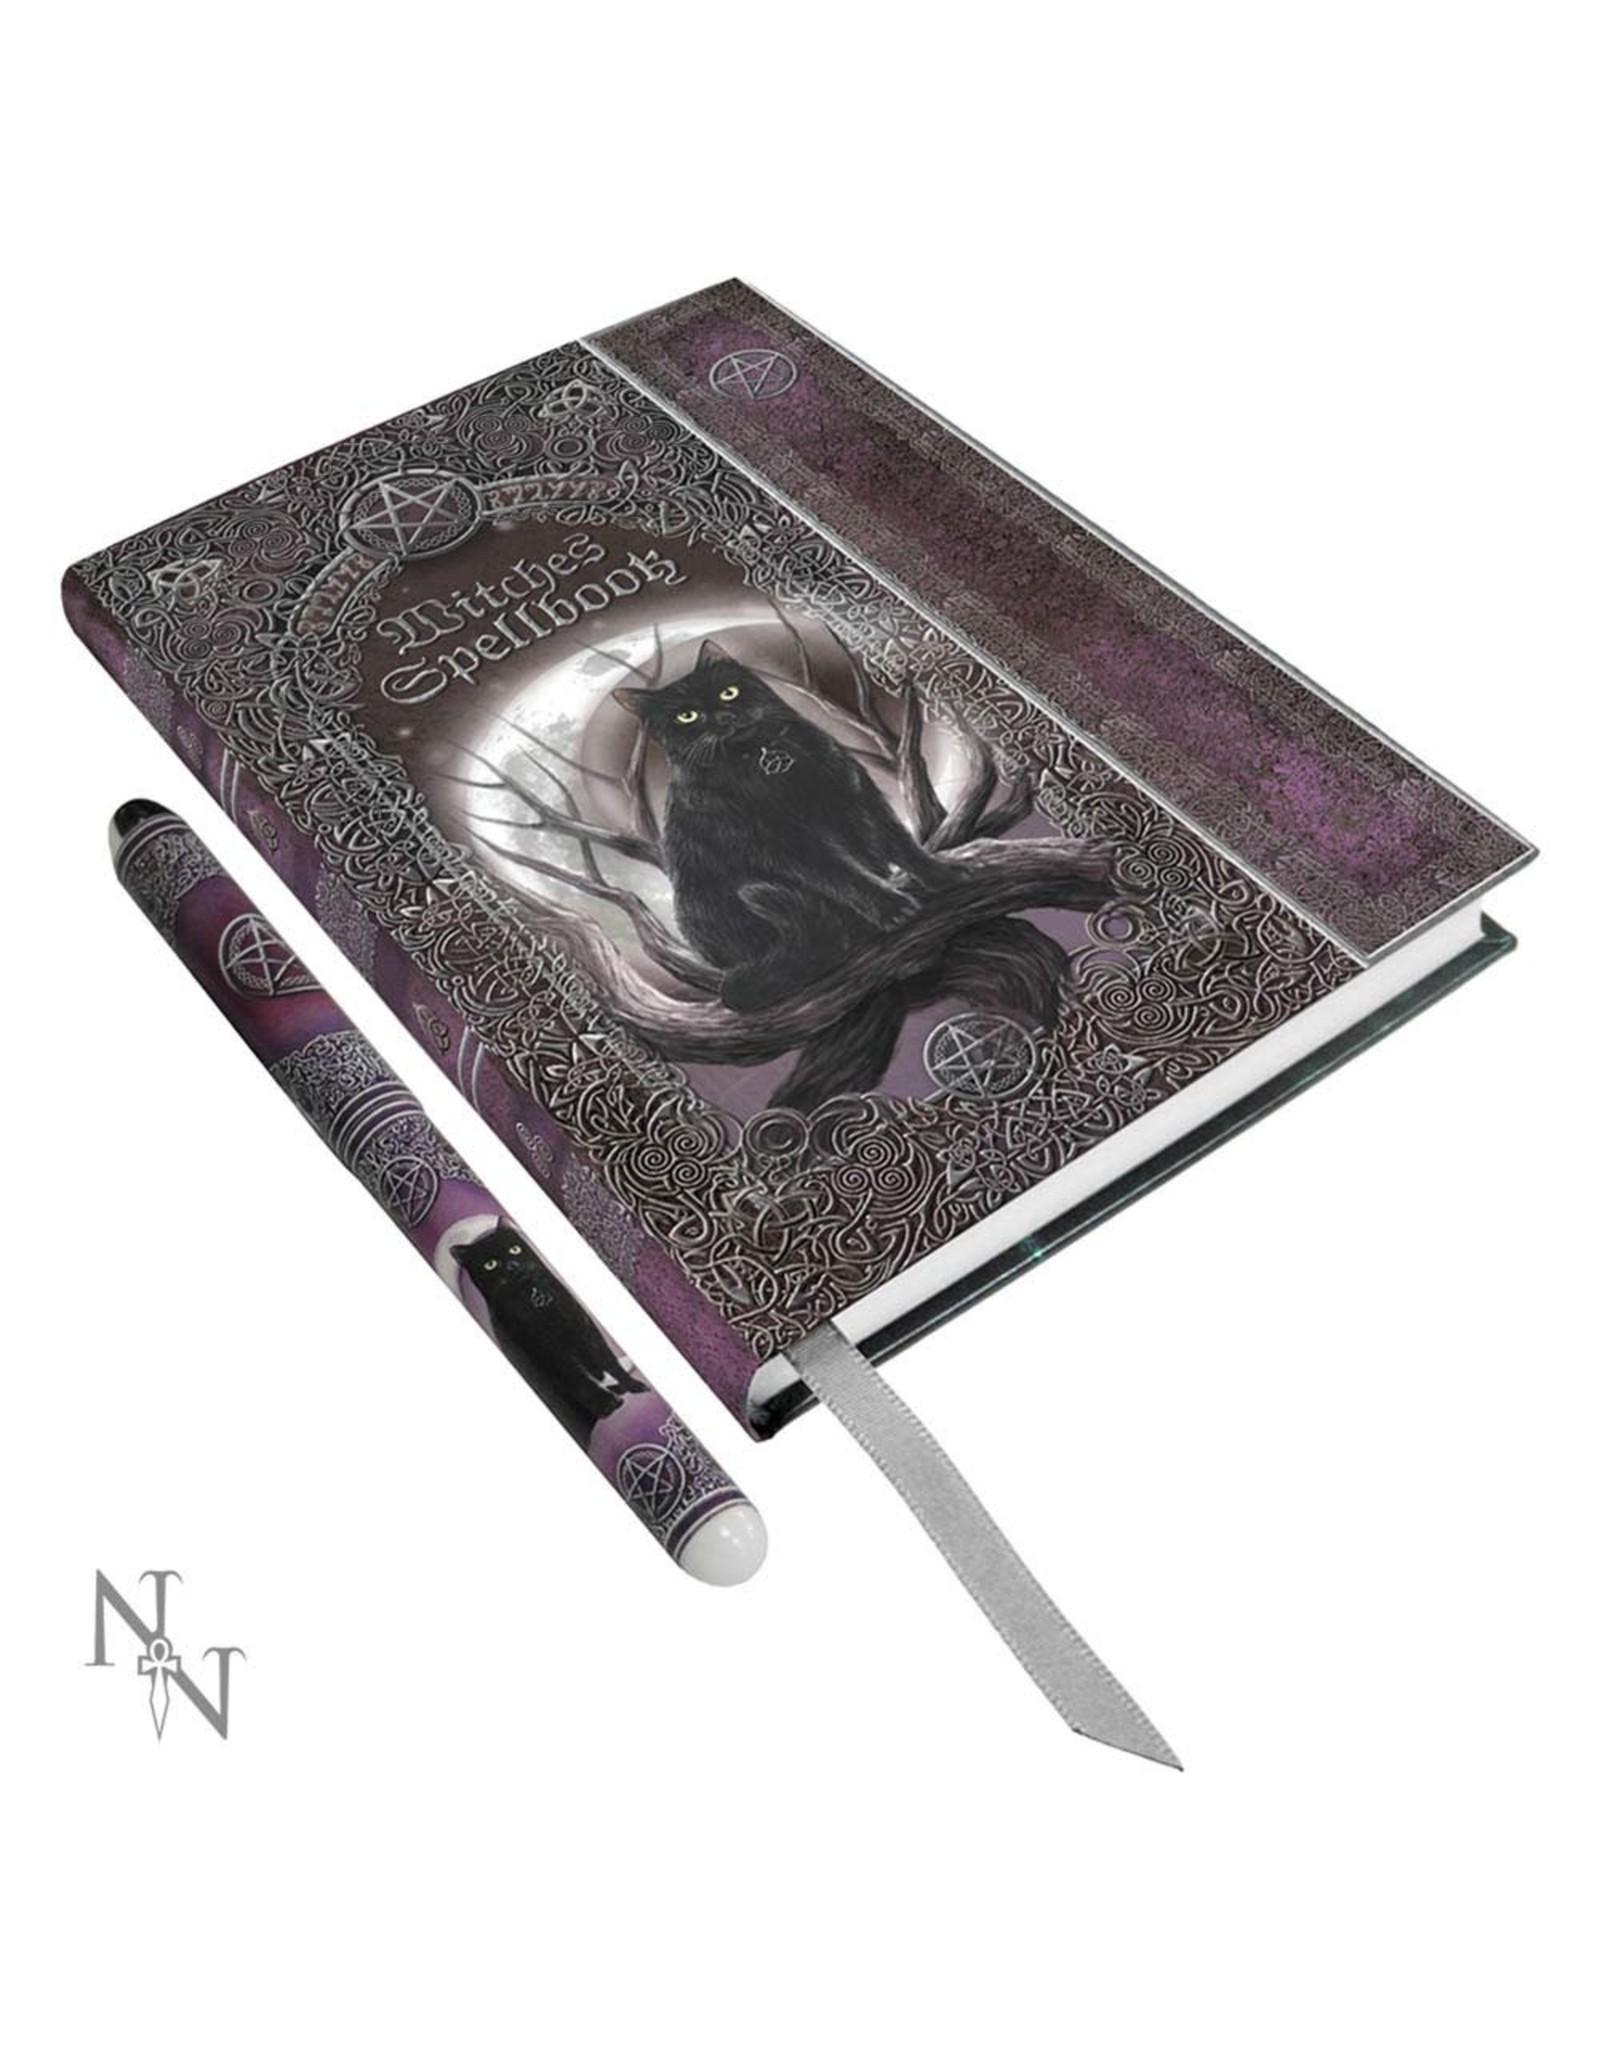 Hardcover Notizbuch mit Stift - Witches Spellbook